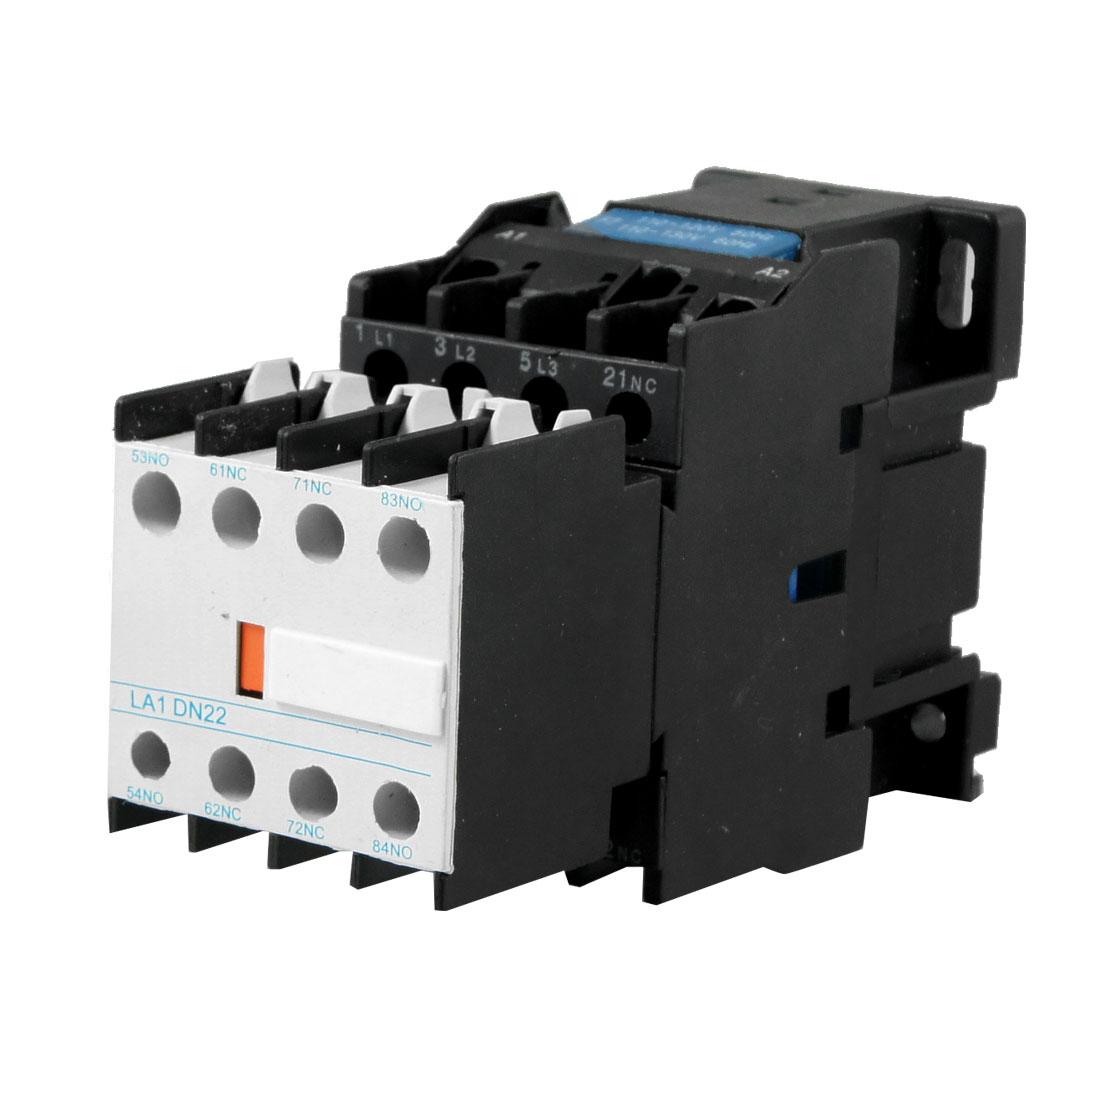 LA1-DN22C 110V Coil 660V Ui 3 Poles 1NC 3 NO AC Contactor Black